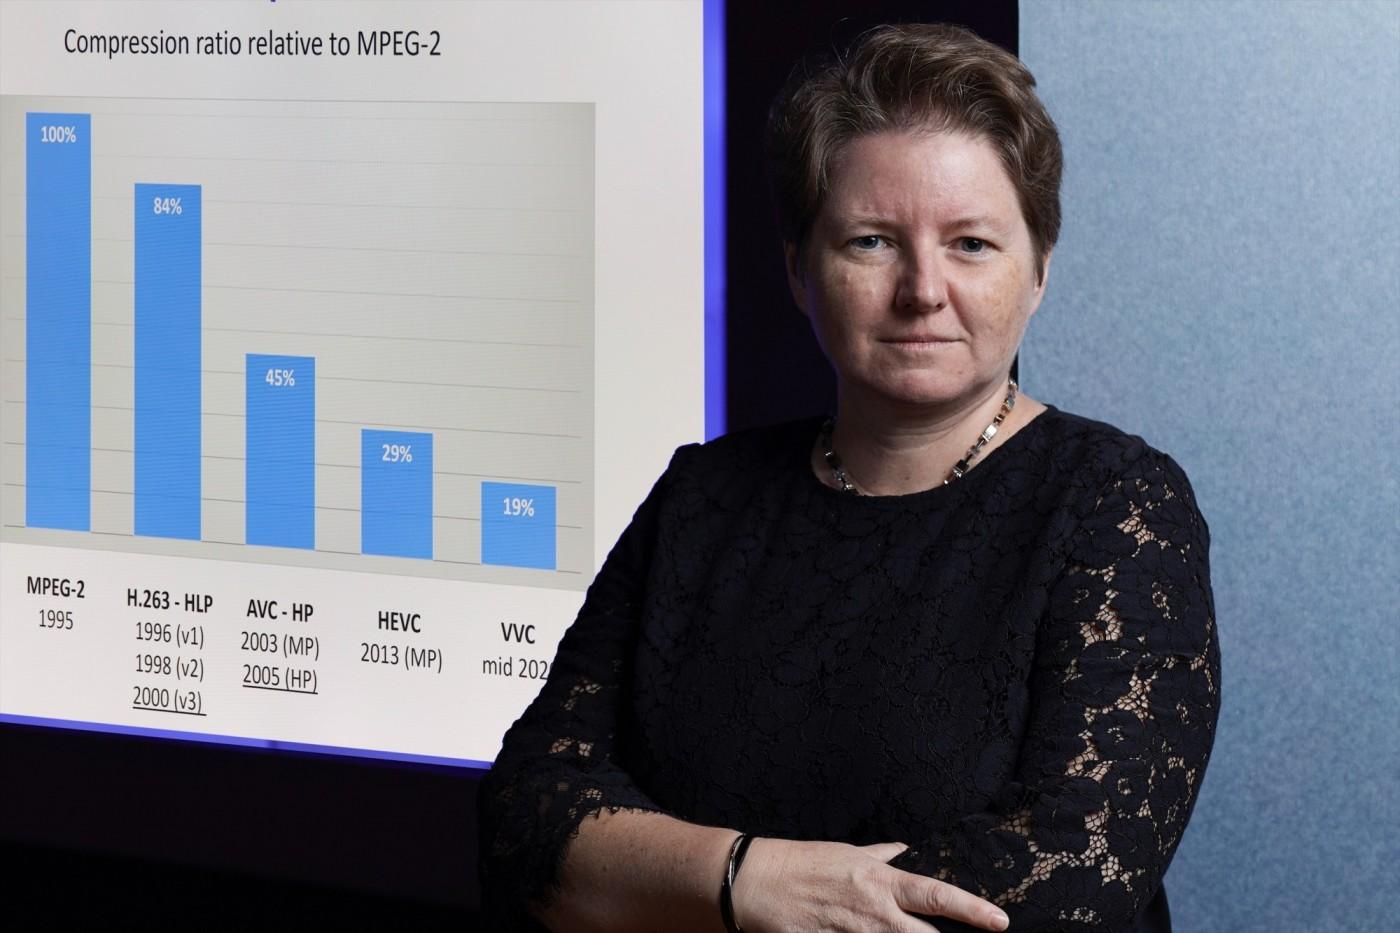 高通工程師獲歐洲專利局終身成就獎提名 Marta Karczewicz博士因其對影片串流標準的重要貢獻獲得認可